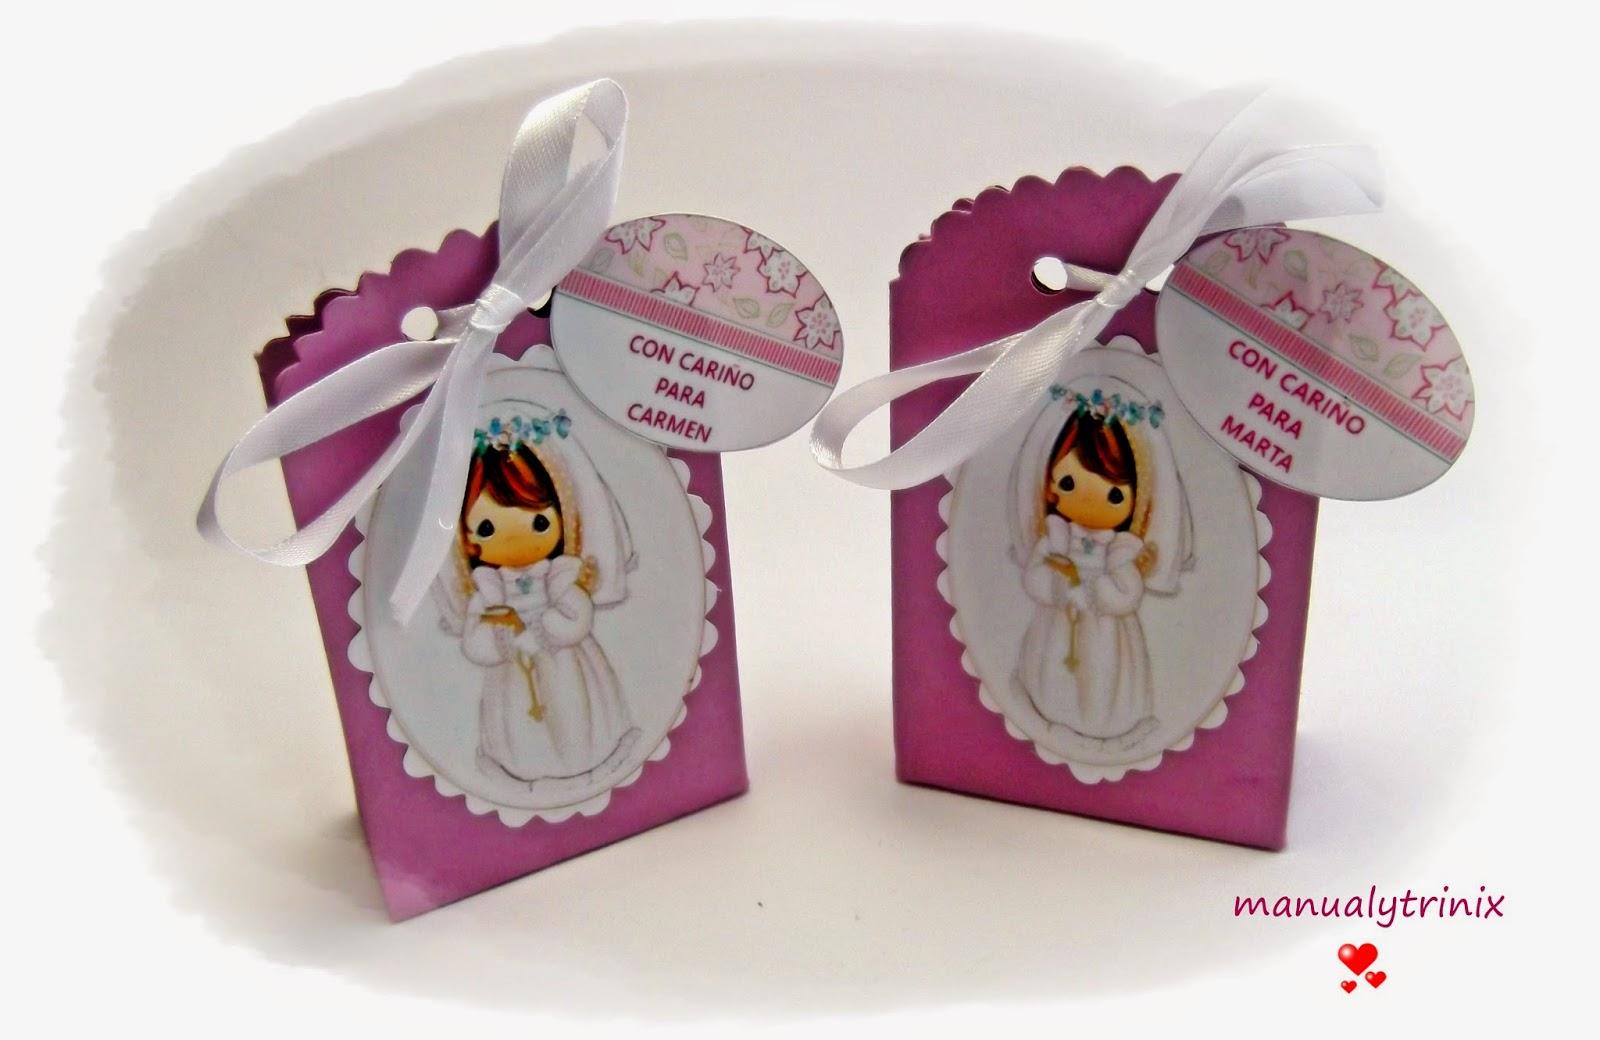 Manualidades manualytrinix regalos de comunion - Manualidades para comunion ...